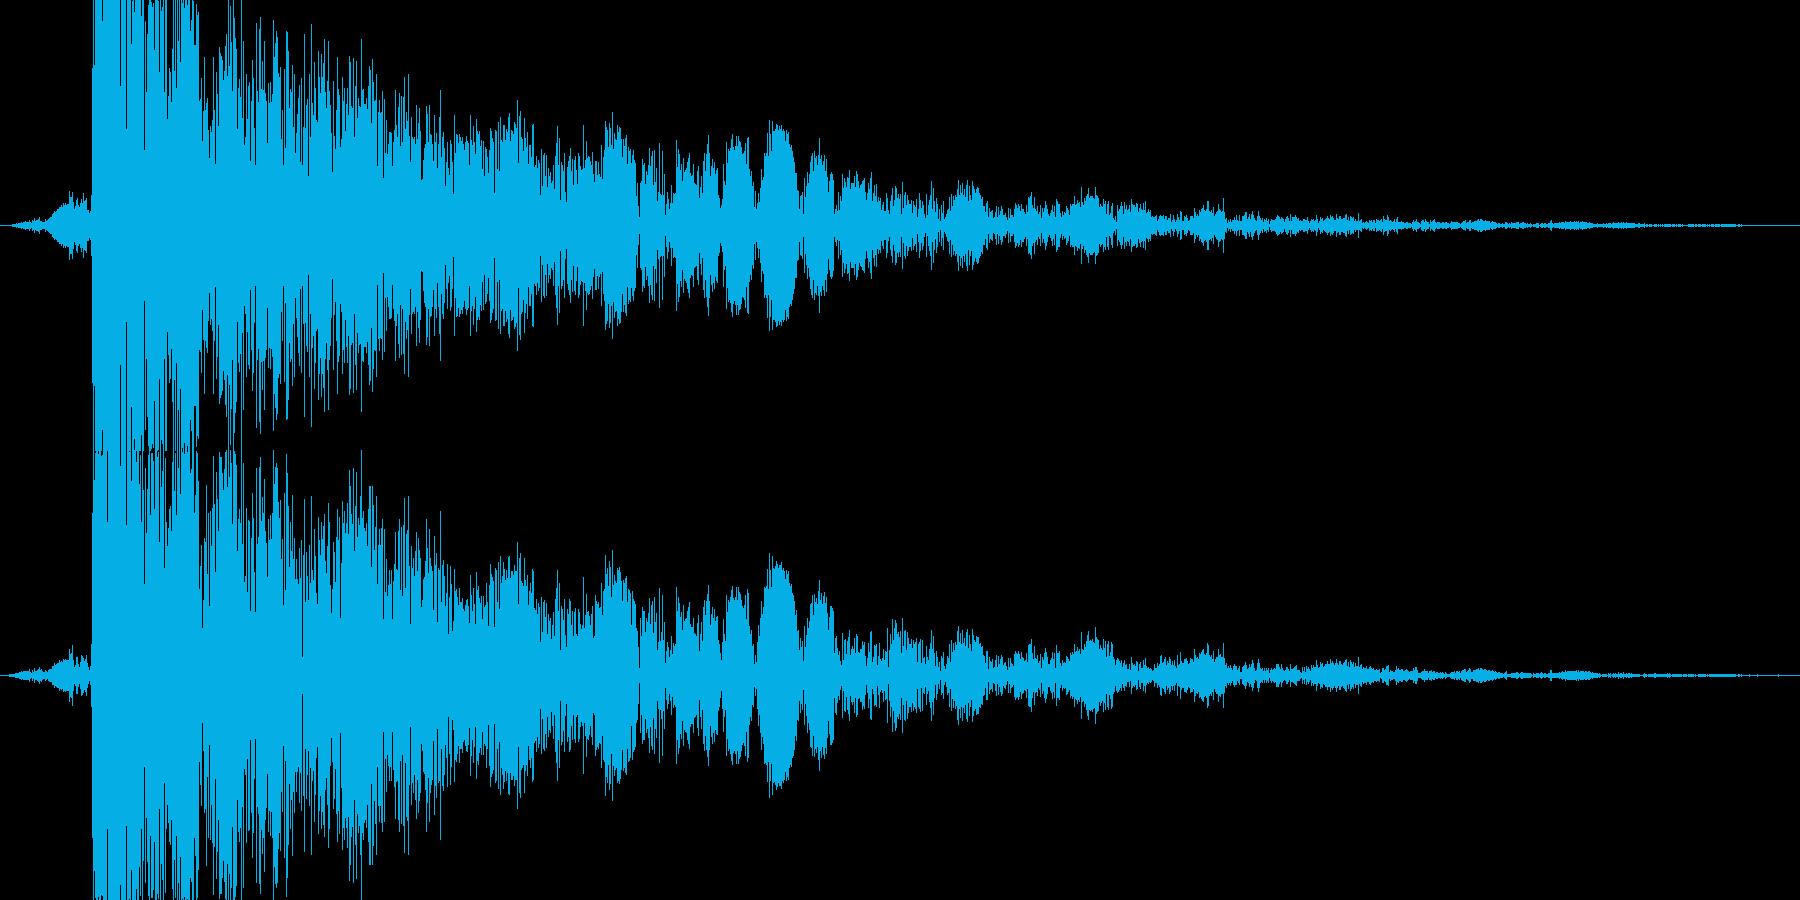 【格闘】打撃をガードする、受け止める音の再生済みの波形